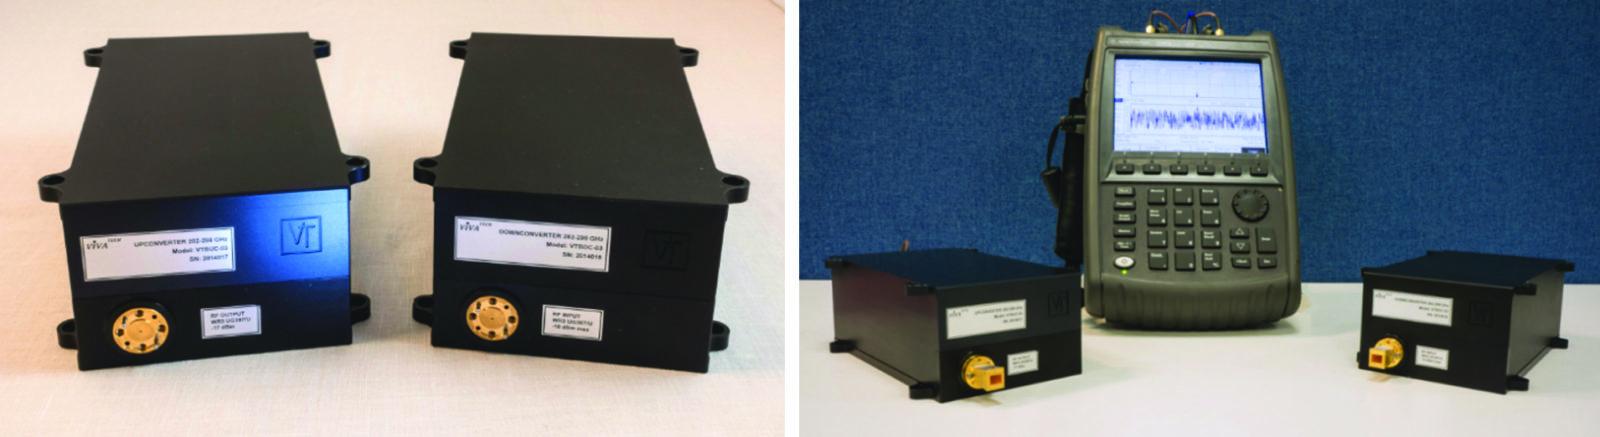 300-ГГц расширители частот компании VivaTech для портативных РЧ-анализаторов от Keysight (Agilent) FieldFox